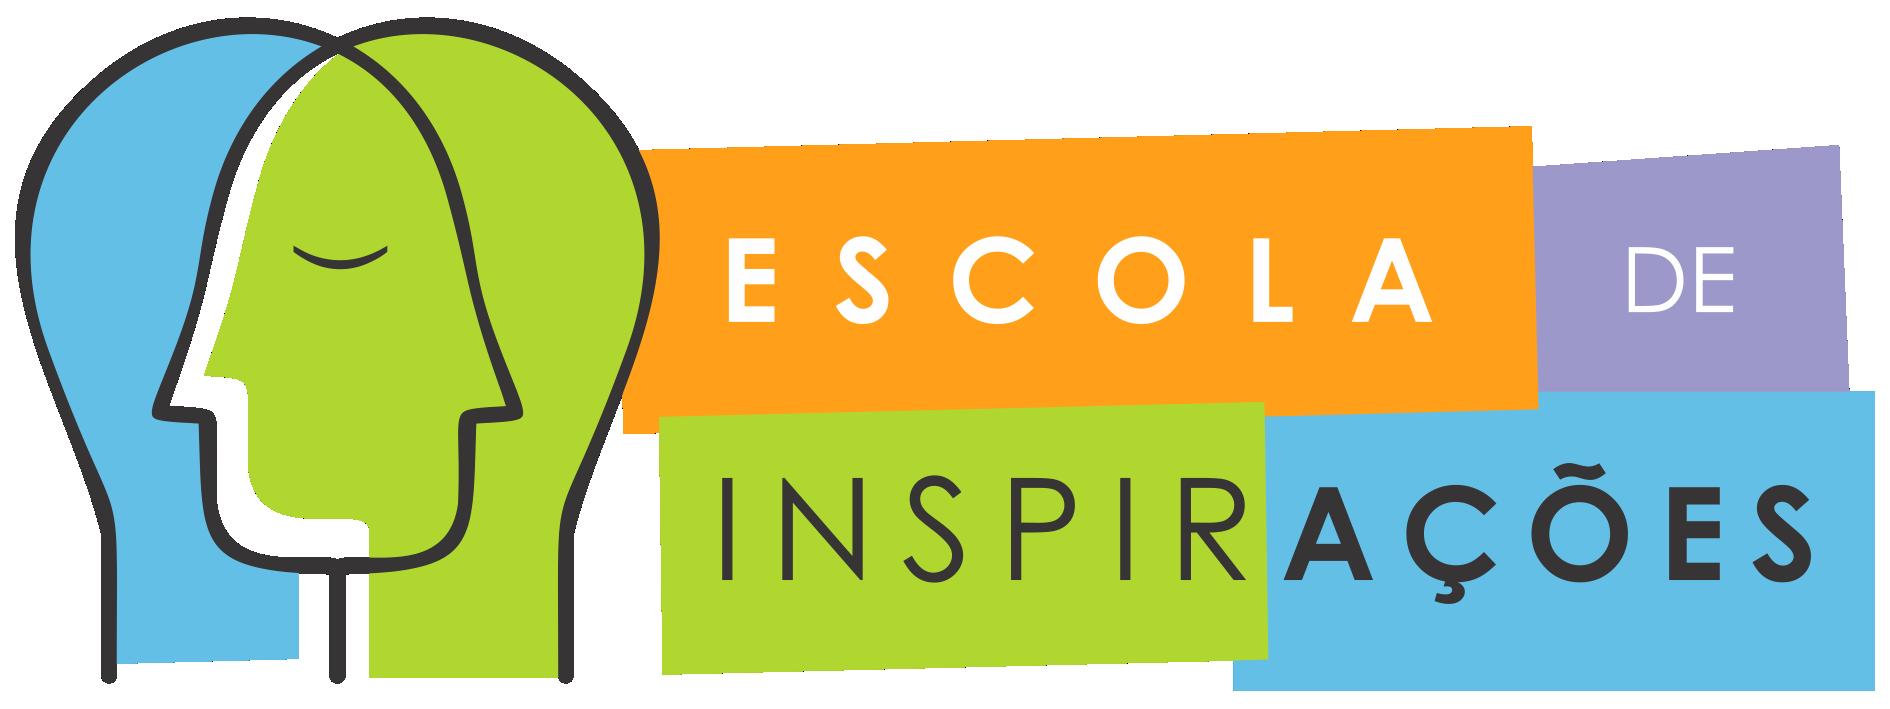 Escola de Inspirações